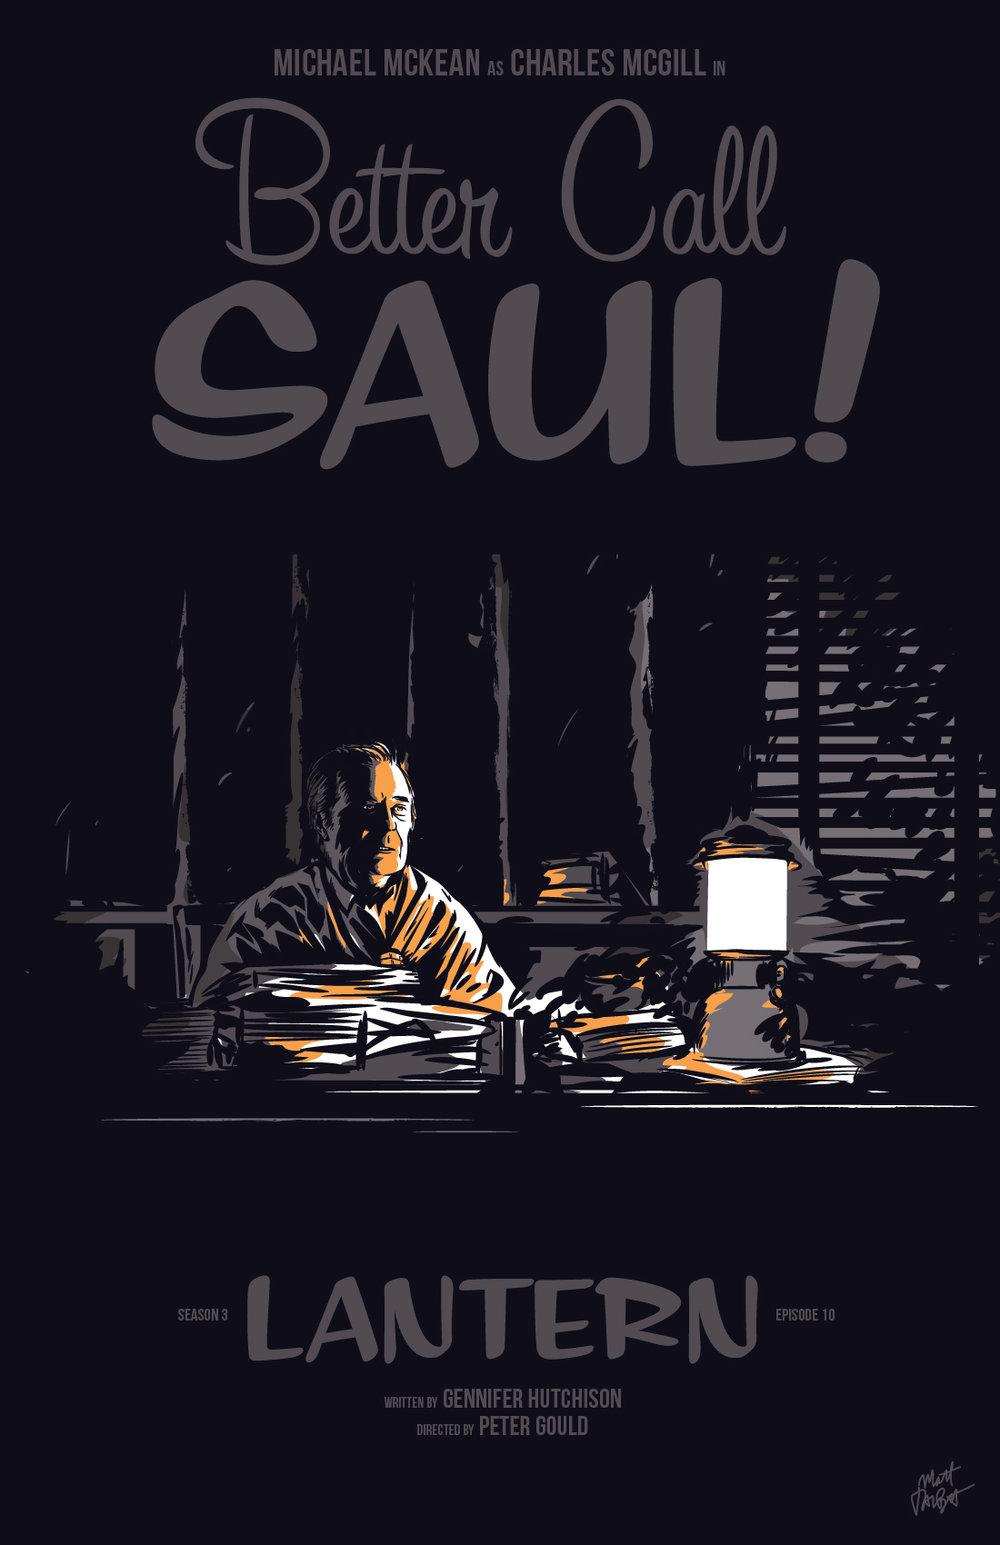 Better Call Saul episode 310, Lantern, poster by Matt Talbot